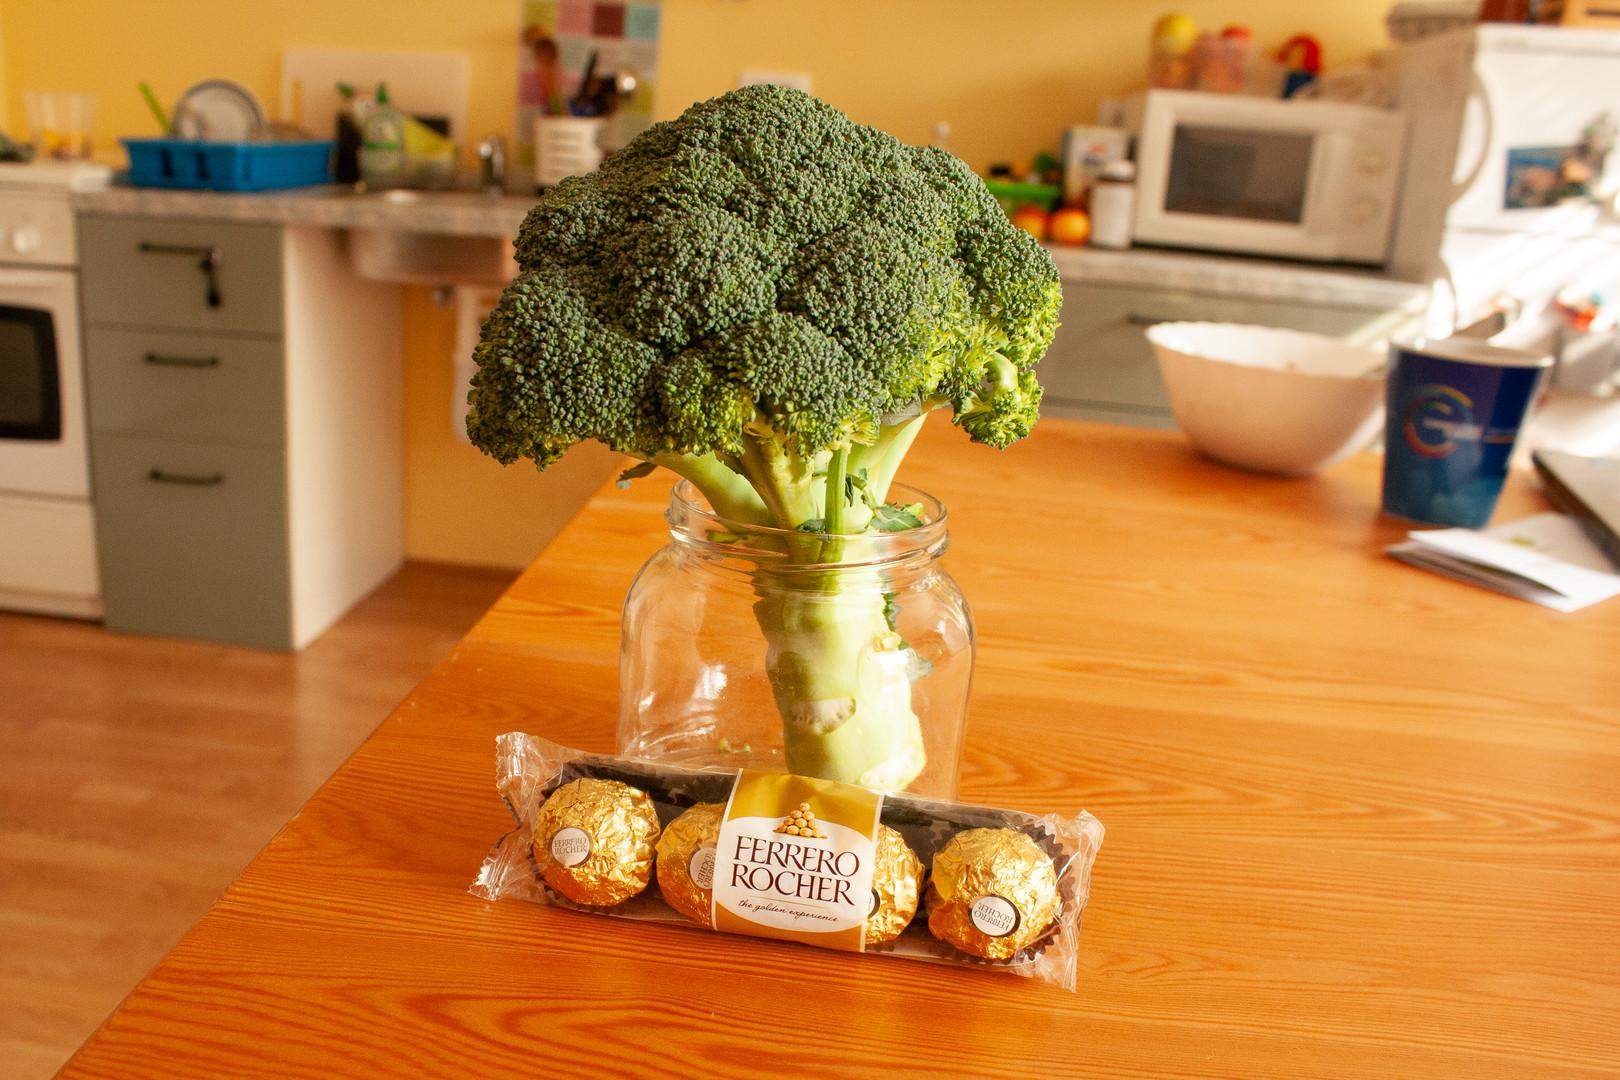 brokoli Zjutraj na mizi naletim na rojstnodnevni šopek ...  Broccoli In the morning I come across a birthday bouquet on the table...